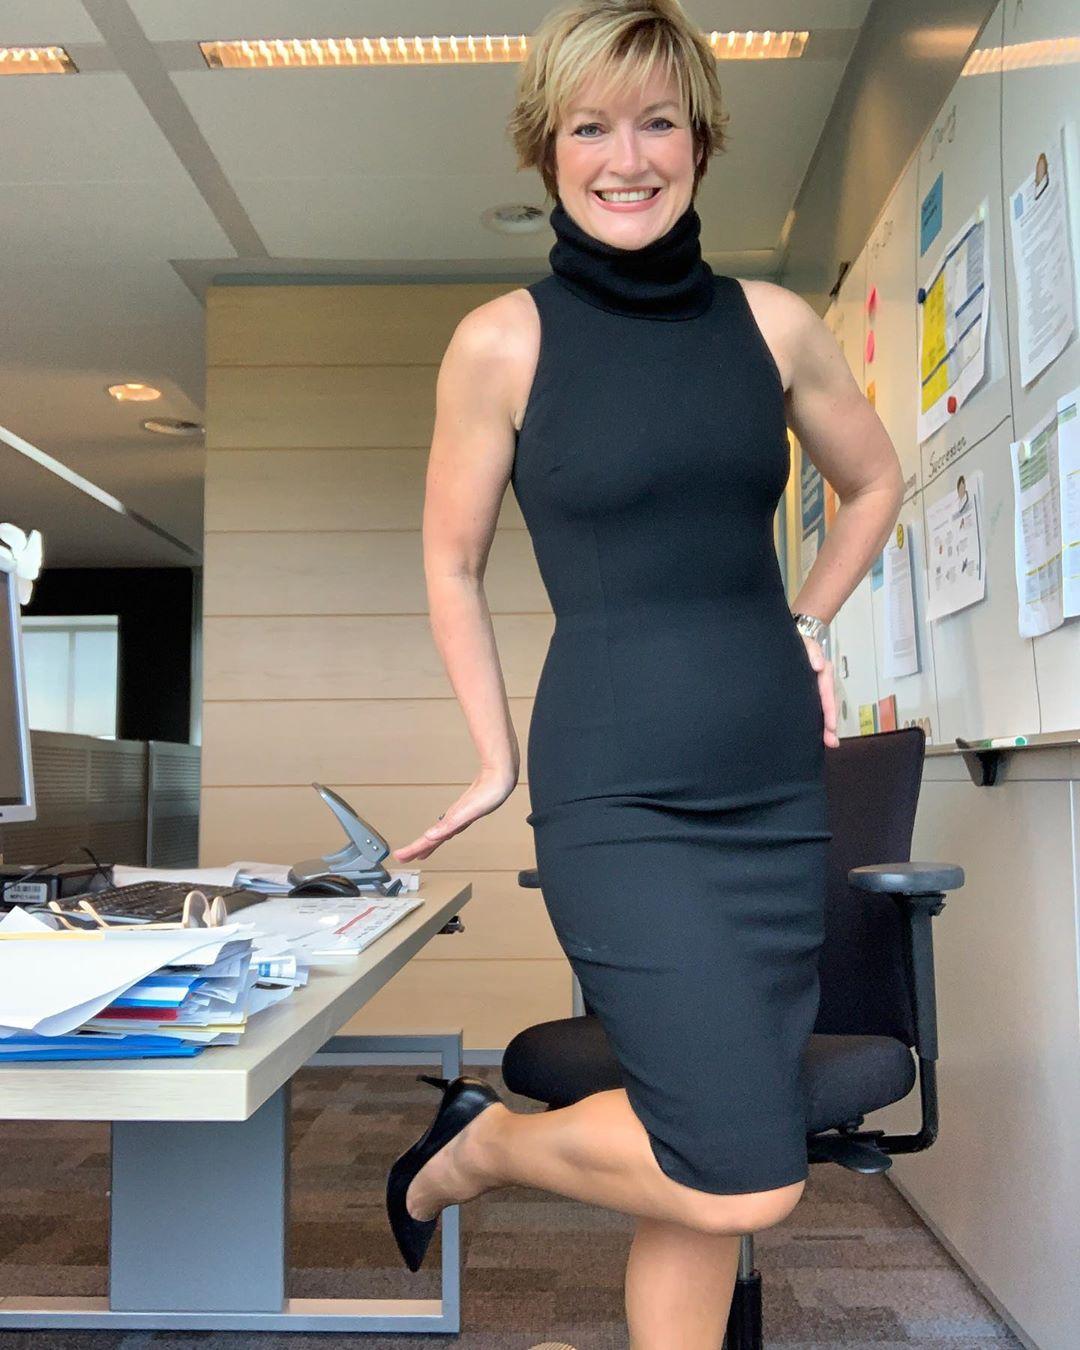 с чем носить туфли летом женщинам после 40-50 лет фото 7